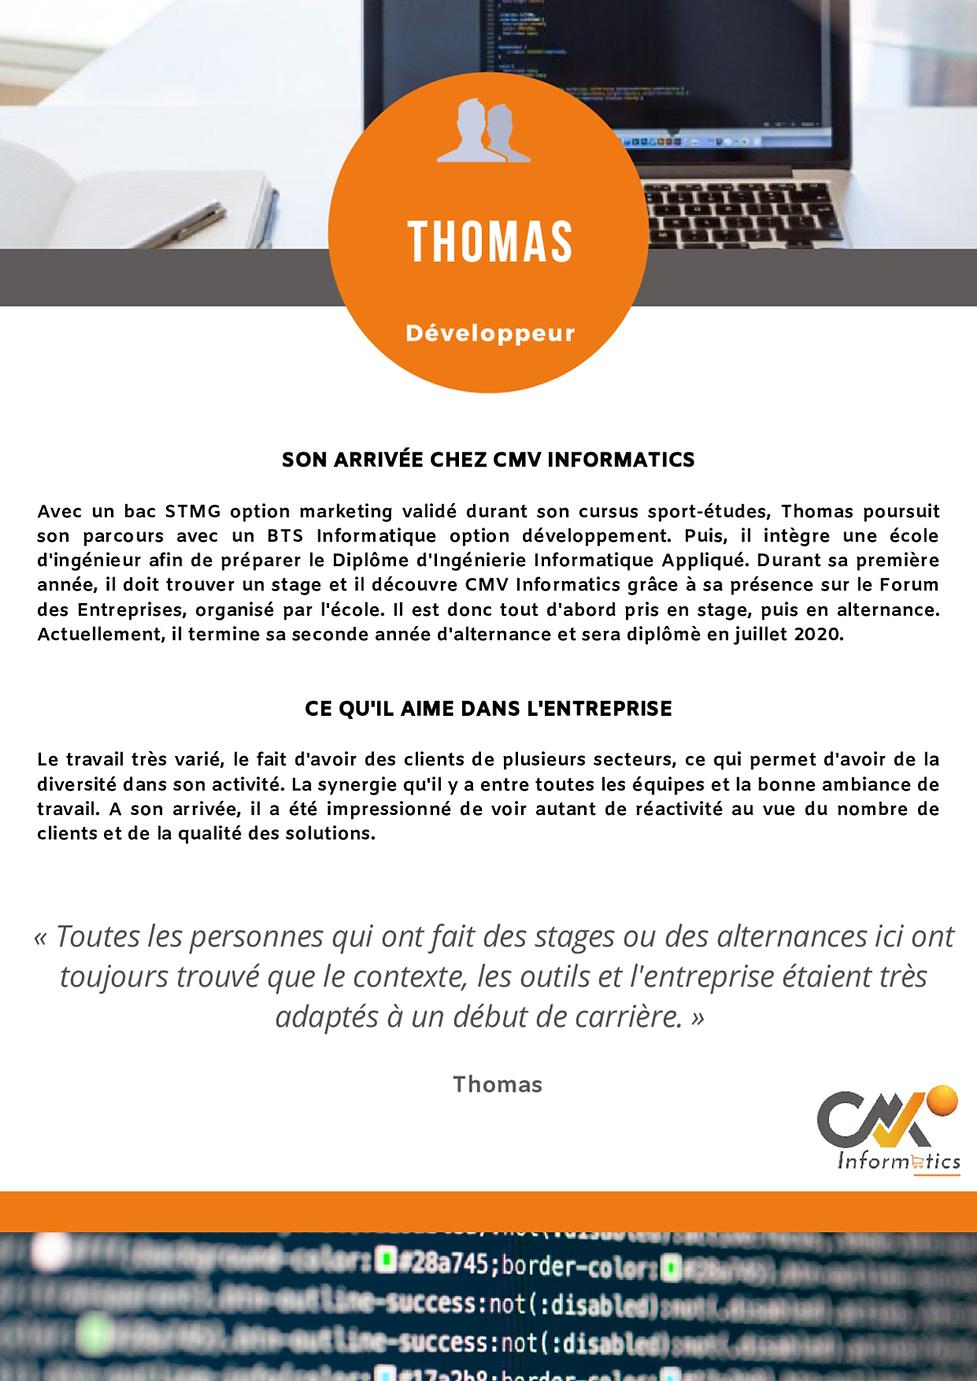 Thomas_P.png